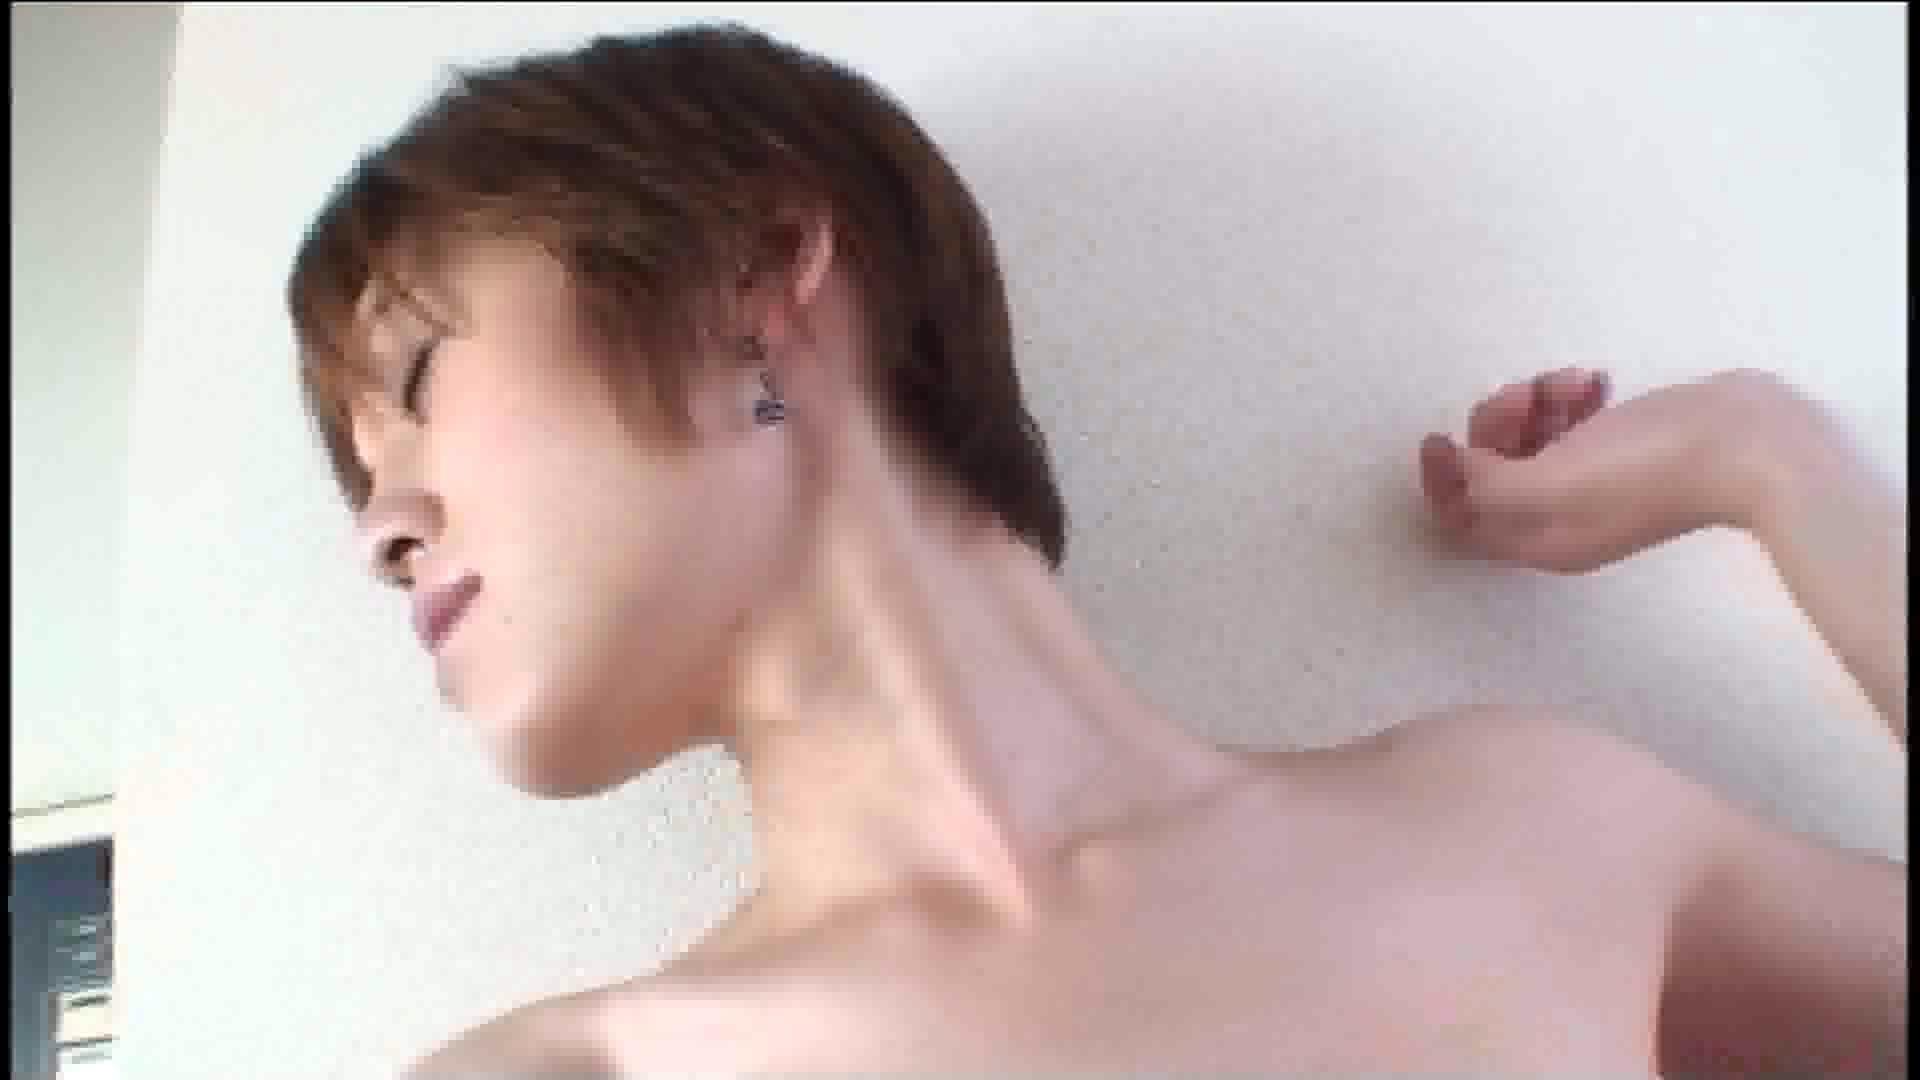 優男のコスプレショー&セクシームービー前編 0 | おもちゃ  94pic 11